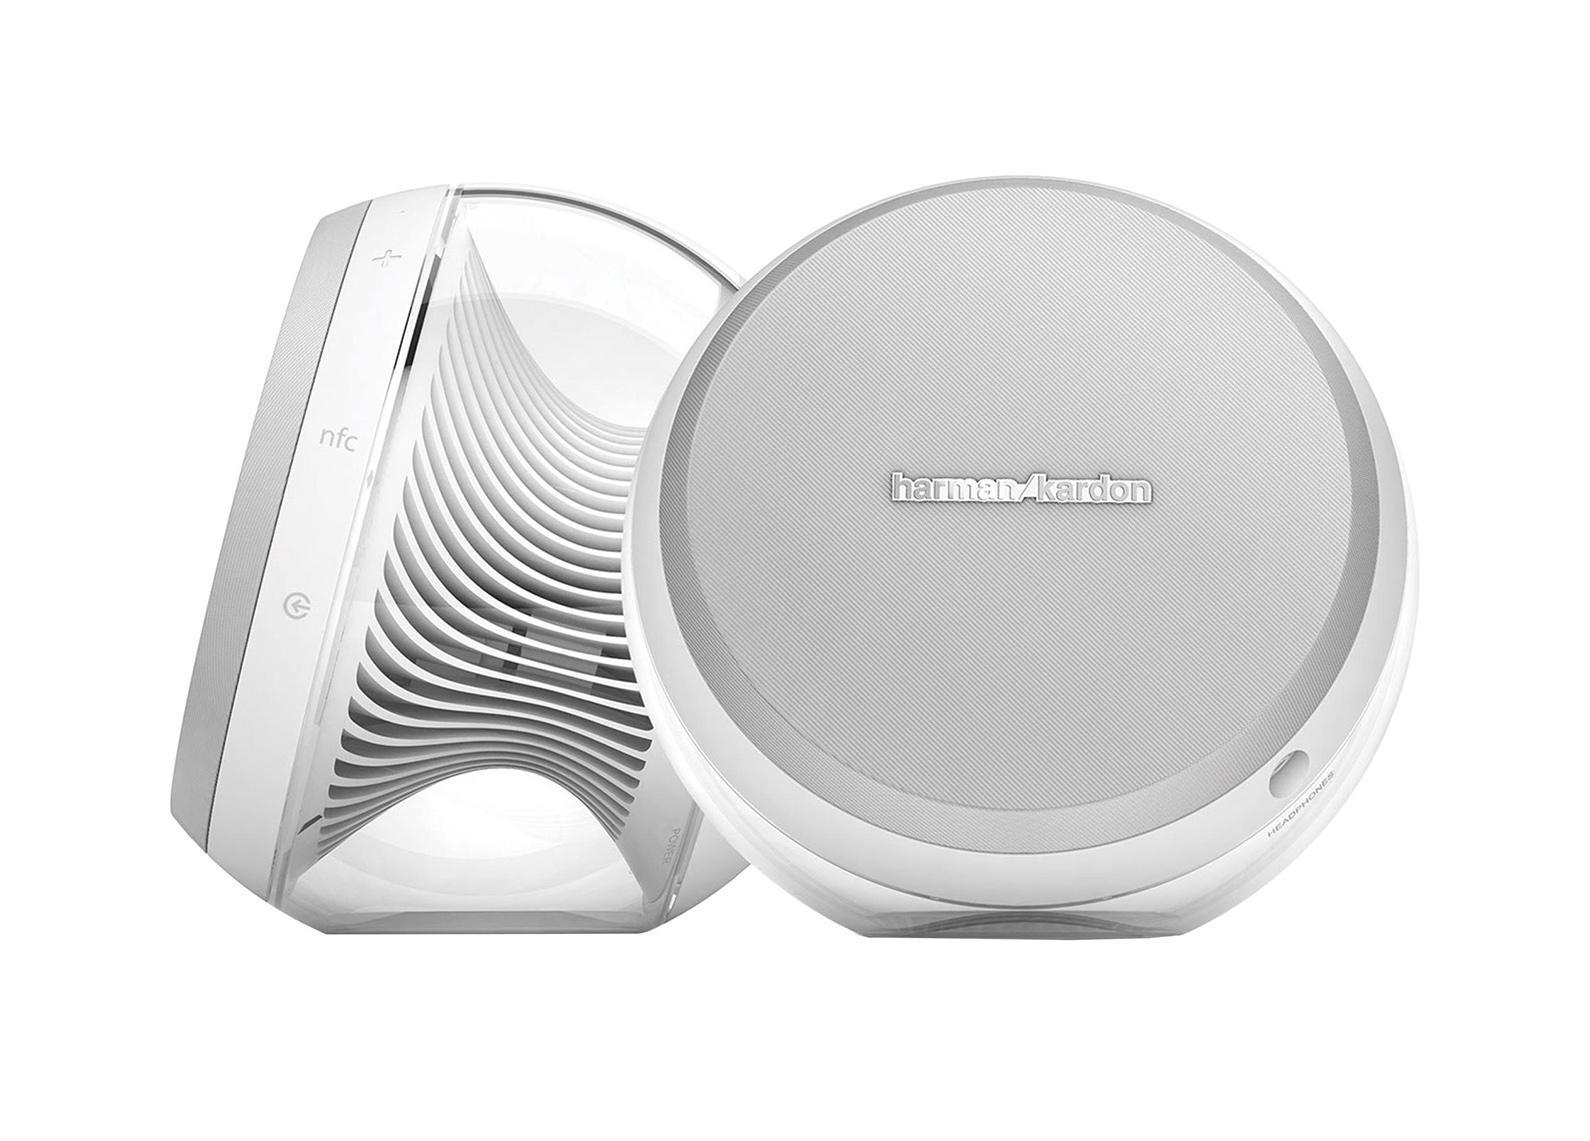 Harman Kardon Nova, White акустическая системаHKNOVAWHTEU WhiteПредставляем Вашему вниманию новейшую разработку от компании Harman Kardon компактная беспроводная акустическая система 2.0 с расширенными басами Nova. Акустическая система выполнена в новом дизайнерском решении, панели из антирезонансного прозрачного пластика, с отличным запасом громкости. 2.5-дюймовые динамики и 1.25-дюймовые твиттеры воспроизводят более богатое, полнодипазонное, и глубокое звучание.Для улучшения глубины звука используется высокоэффективный цифровой усилитель Harman DSP, и пассивный излучатель для расширенных басов. Harman Kardon Nova совмещается со всеми гаджетами посредством аналогового 3,5 мм разъема, а так же может сопрягаться через встроенный модульBluetooth с технологией NFC к любым Bluetooth-совместимым устройствам. В каждой из колонок встроен динамик, твиттер и пассивный сабвуфер. Отдельно стоит отметить поддержку фирменной технологии улучшения звука DSP. Модель выполнена в белом цвете.